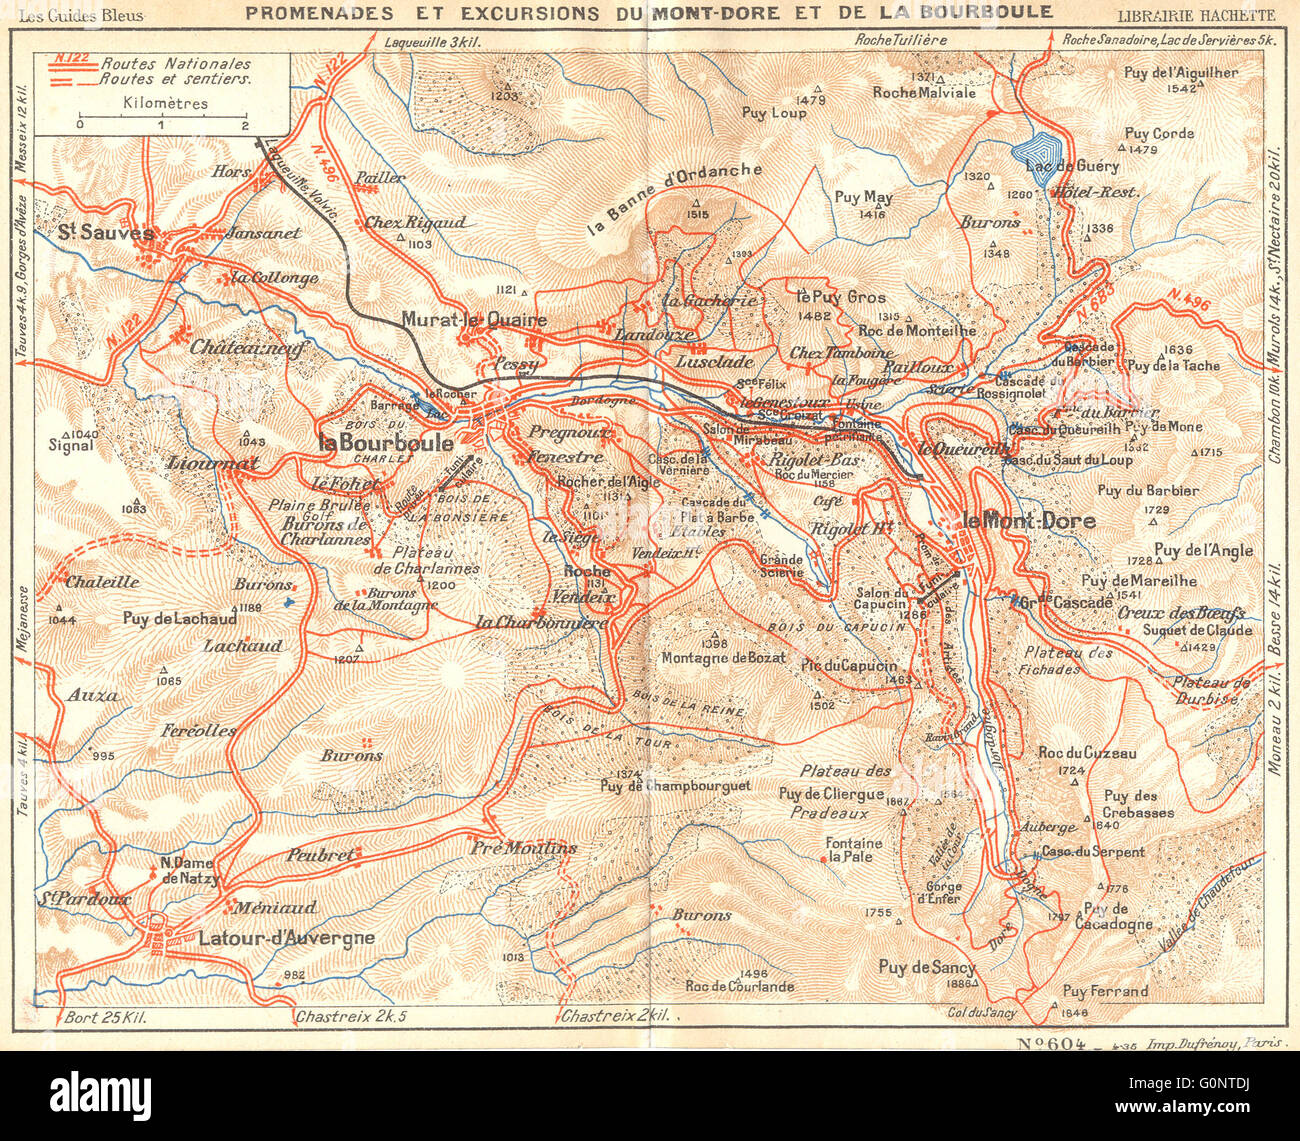 PUY-DE-DÔME: Du Mont-Dore Bourboule, 1935 vintage map Stock Photo